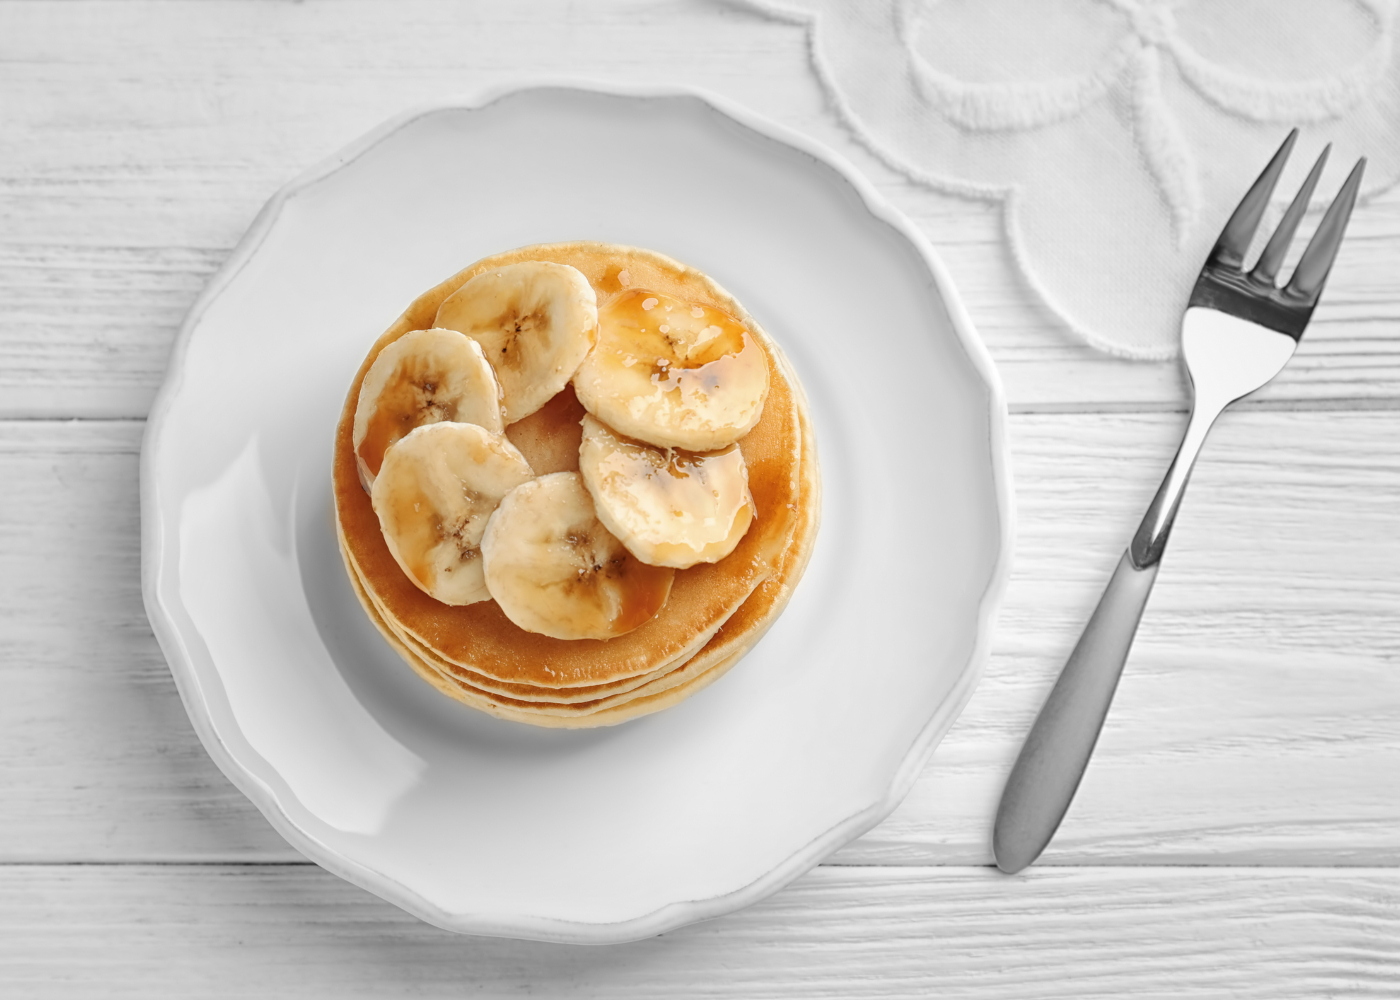 panquecas na bimby: 6 sugestoes praticas e apetitosas